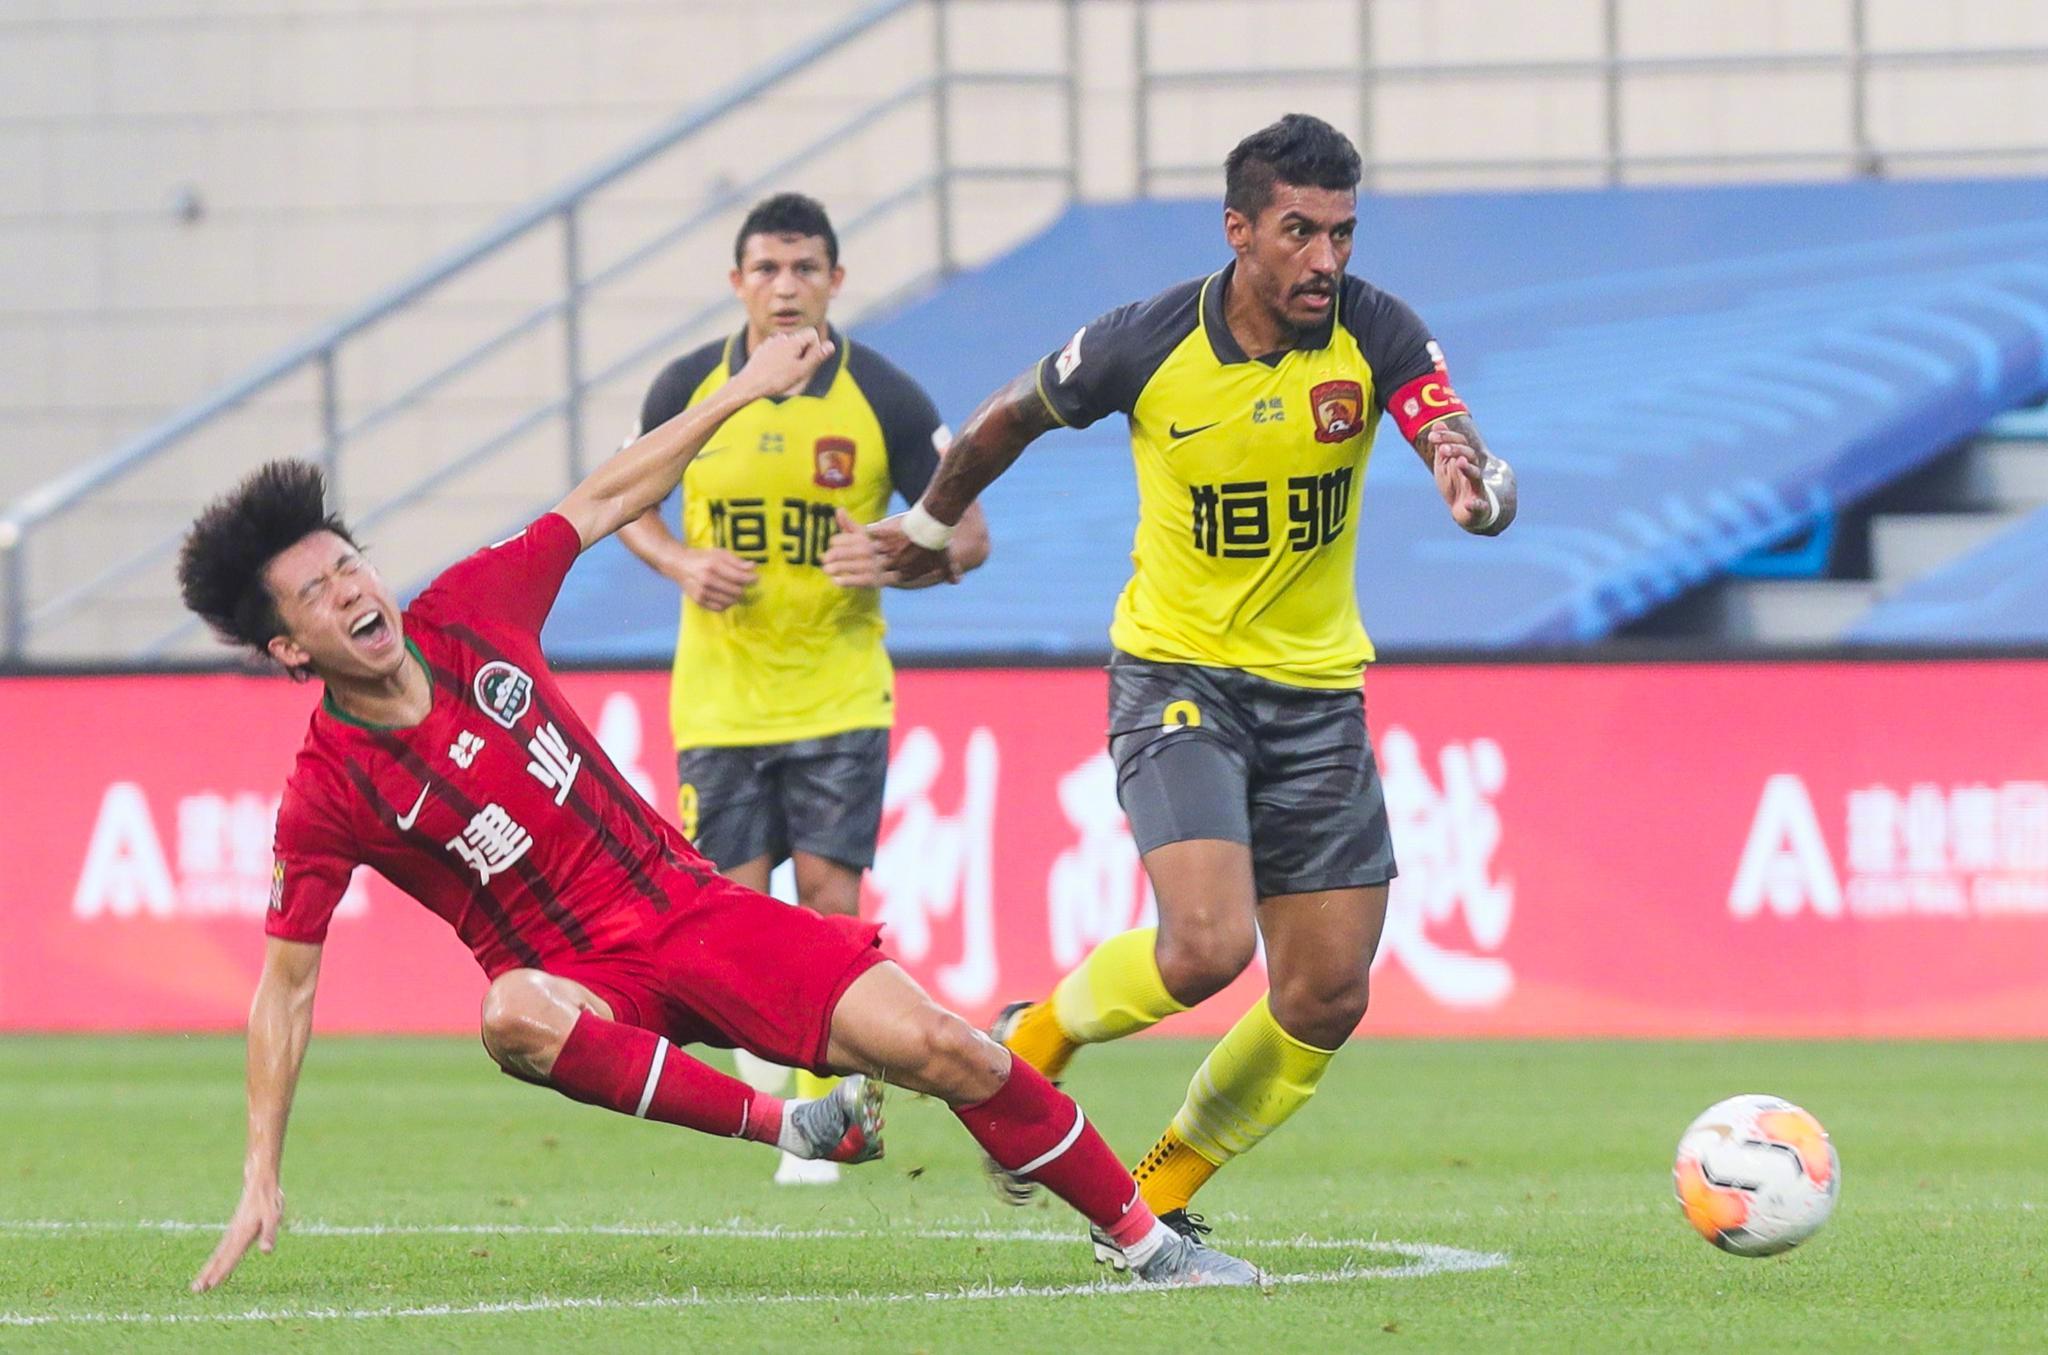 8月14日18:00,中超联赛第一阶段第五轮,广州恒大淘宝3